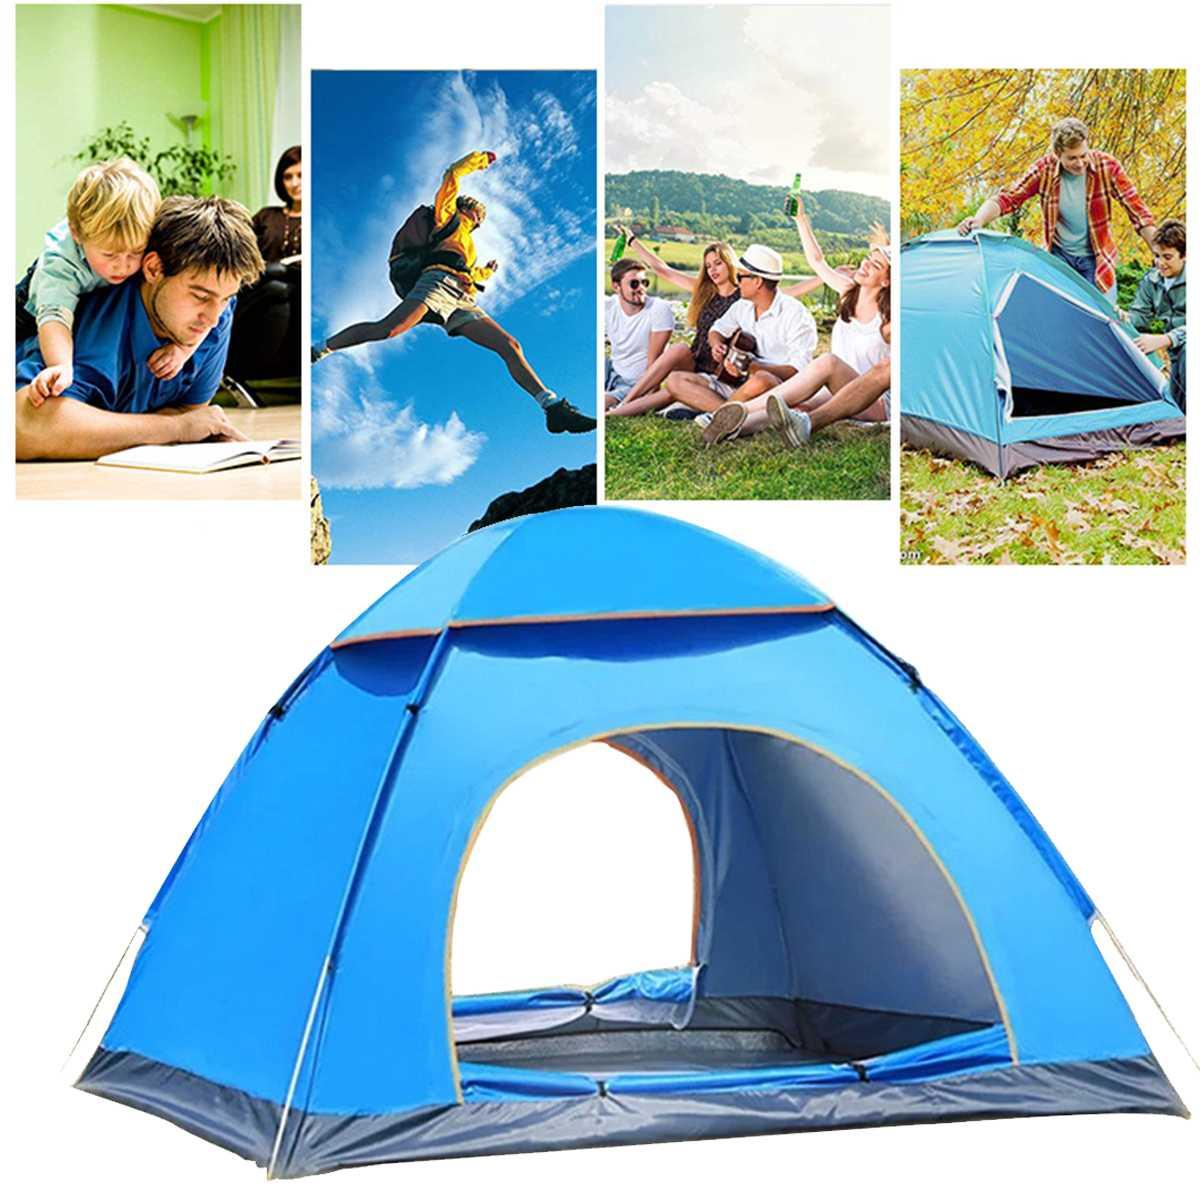 Lều trại du lịch tự bung 2 cửa 4 đến 6 người 2mx2m cao cấp